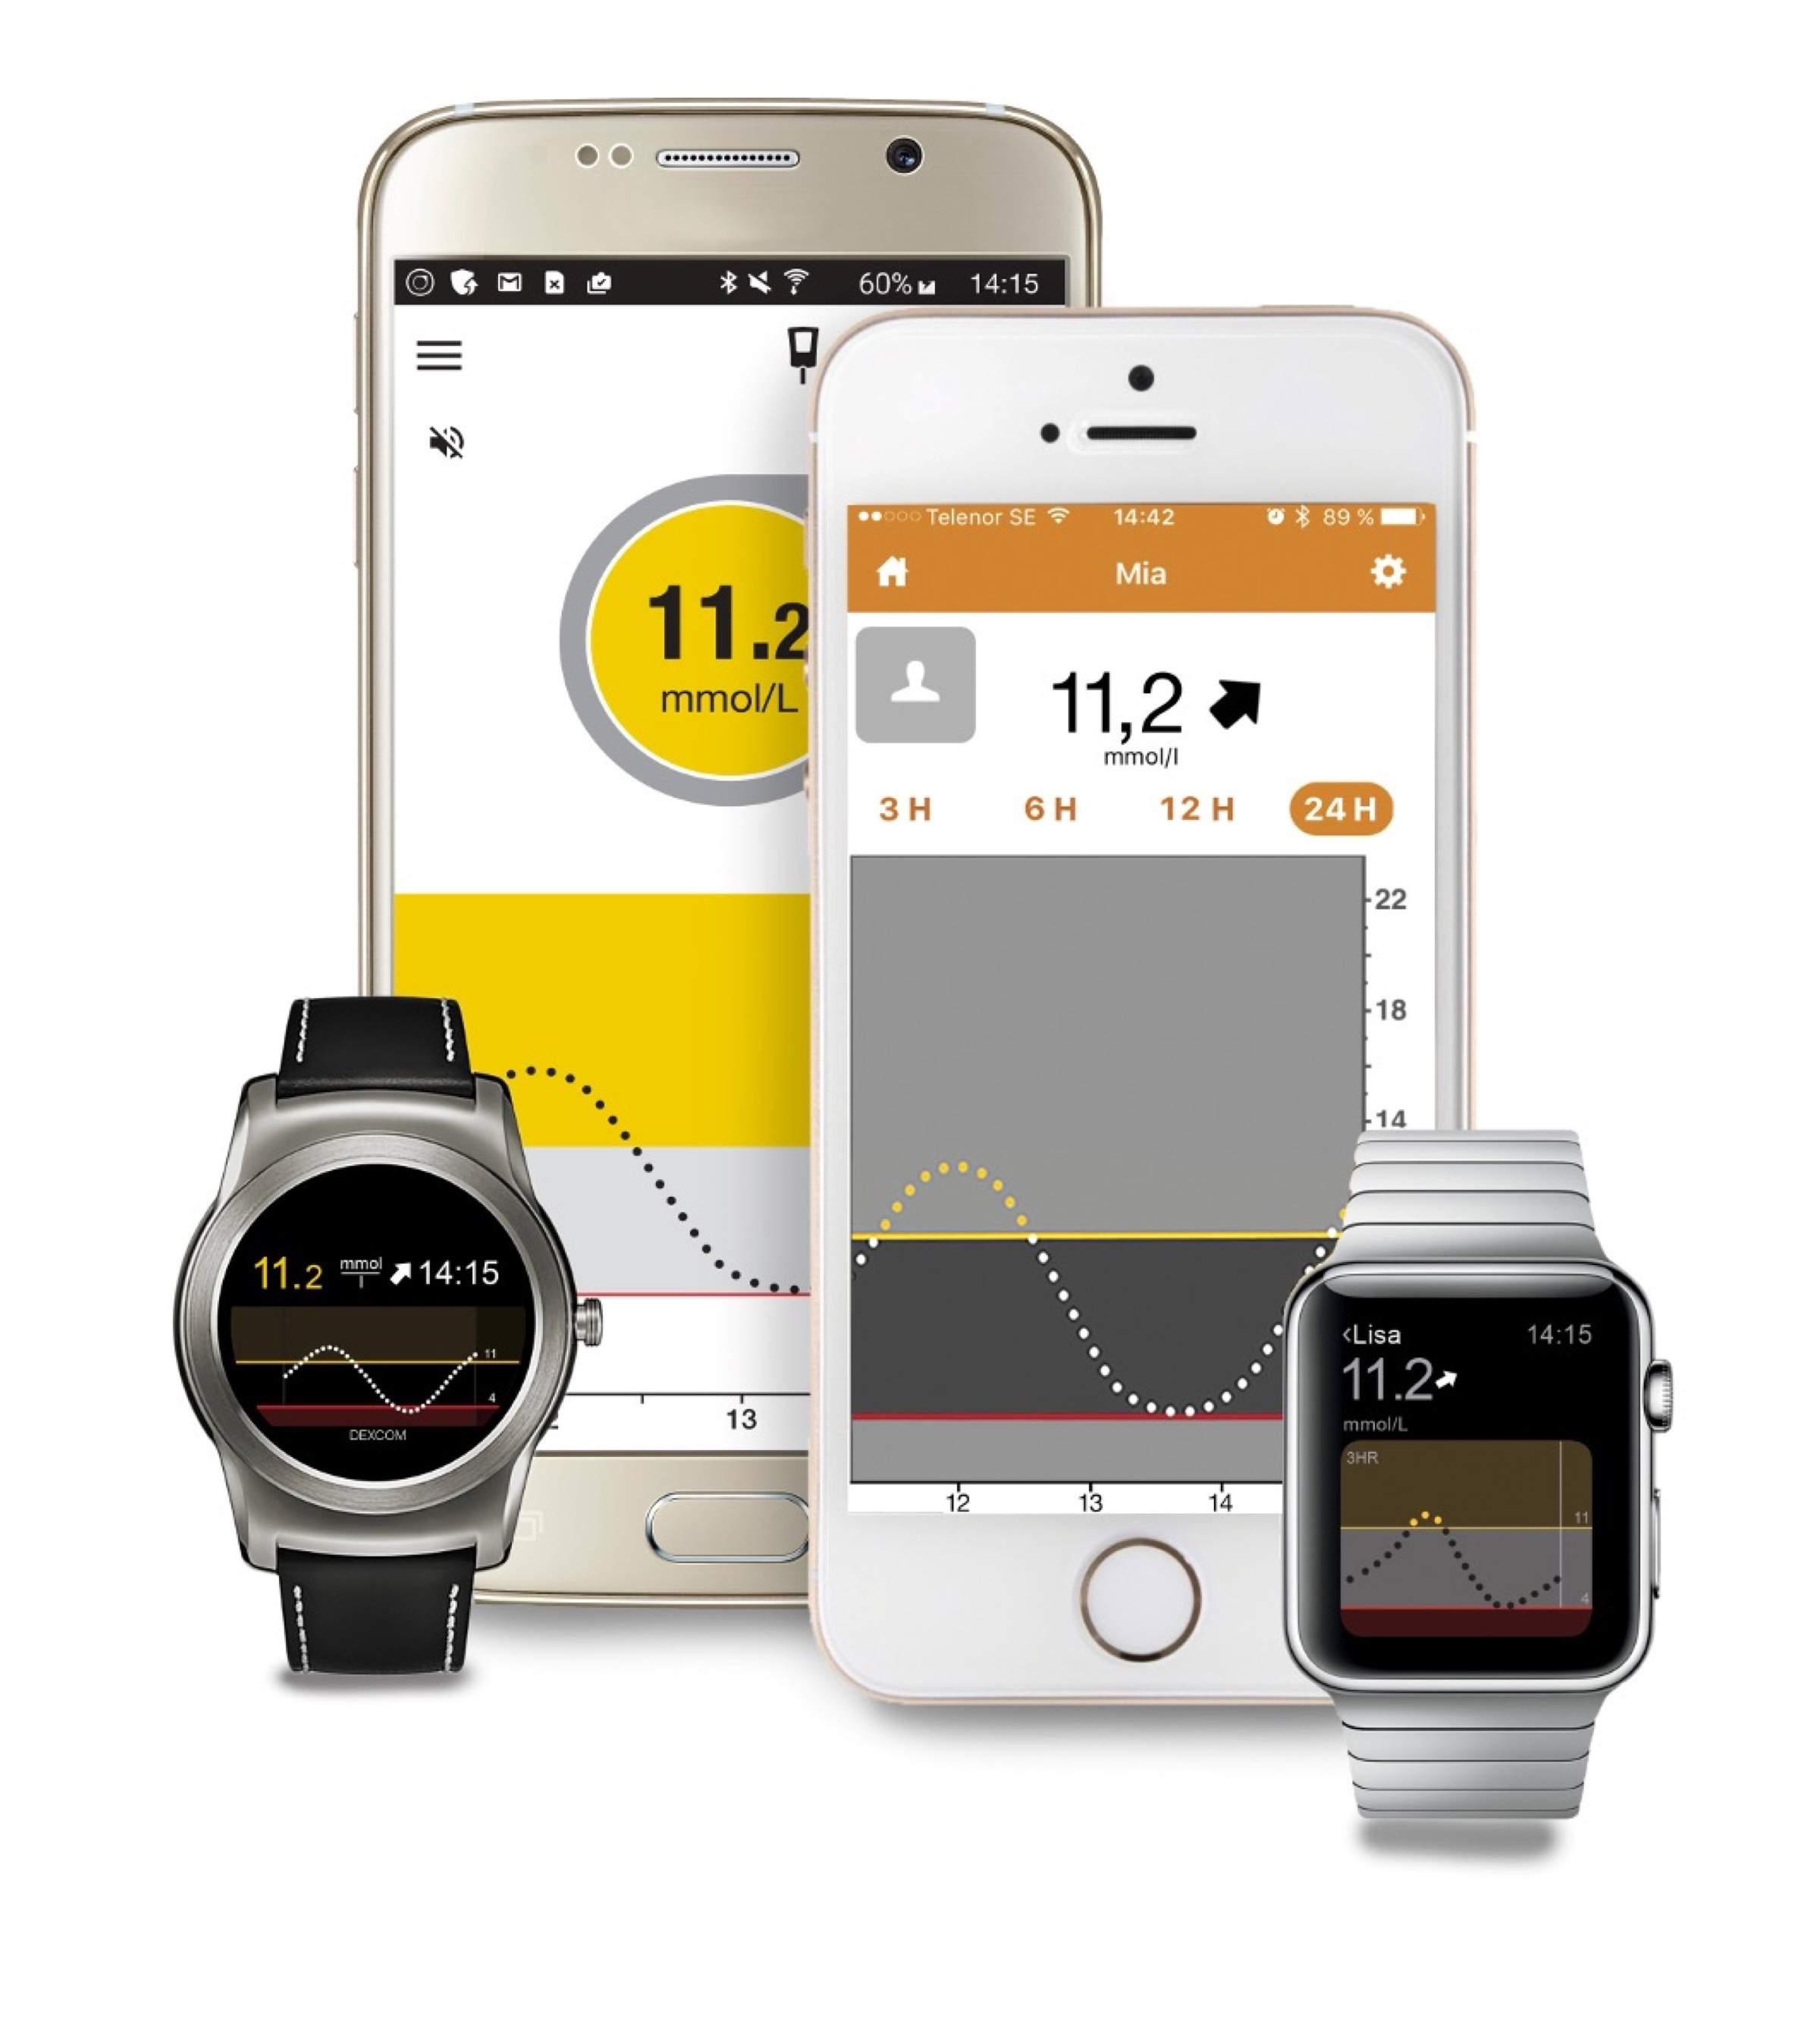 Das Dexcom G5 Mobile CGM-System ist weltweit das erste CE-zertifizierte mobile System zur kontinuierlichen Glukosemessung in Real-Time (rtCGM), das mit iOS- und Android-Geräten kompatibel ist. Durch Hinzufügen der Apple Watch als weiteres kompatibles Smart-Gerät haben Menschen mit Diabetes in der Schweiz nun noch mehr Möglichkeiten, ihre Glukosewerte und Warnungen aus dem G5 Mobile CGM-System zu prüfen, um die Krankheit besser zu bewältigen. Dazu kann die neueste Version der G5 Mobile App – iOS 1.6 heruntergeladen werden.